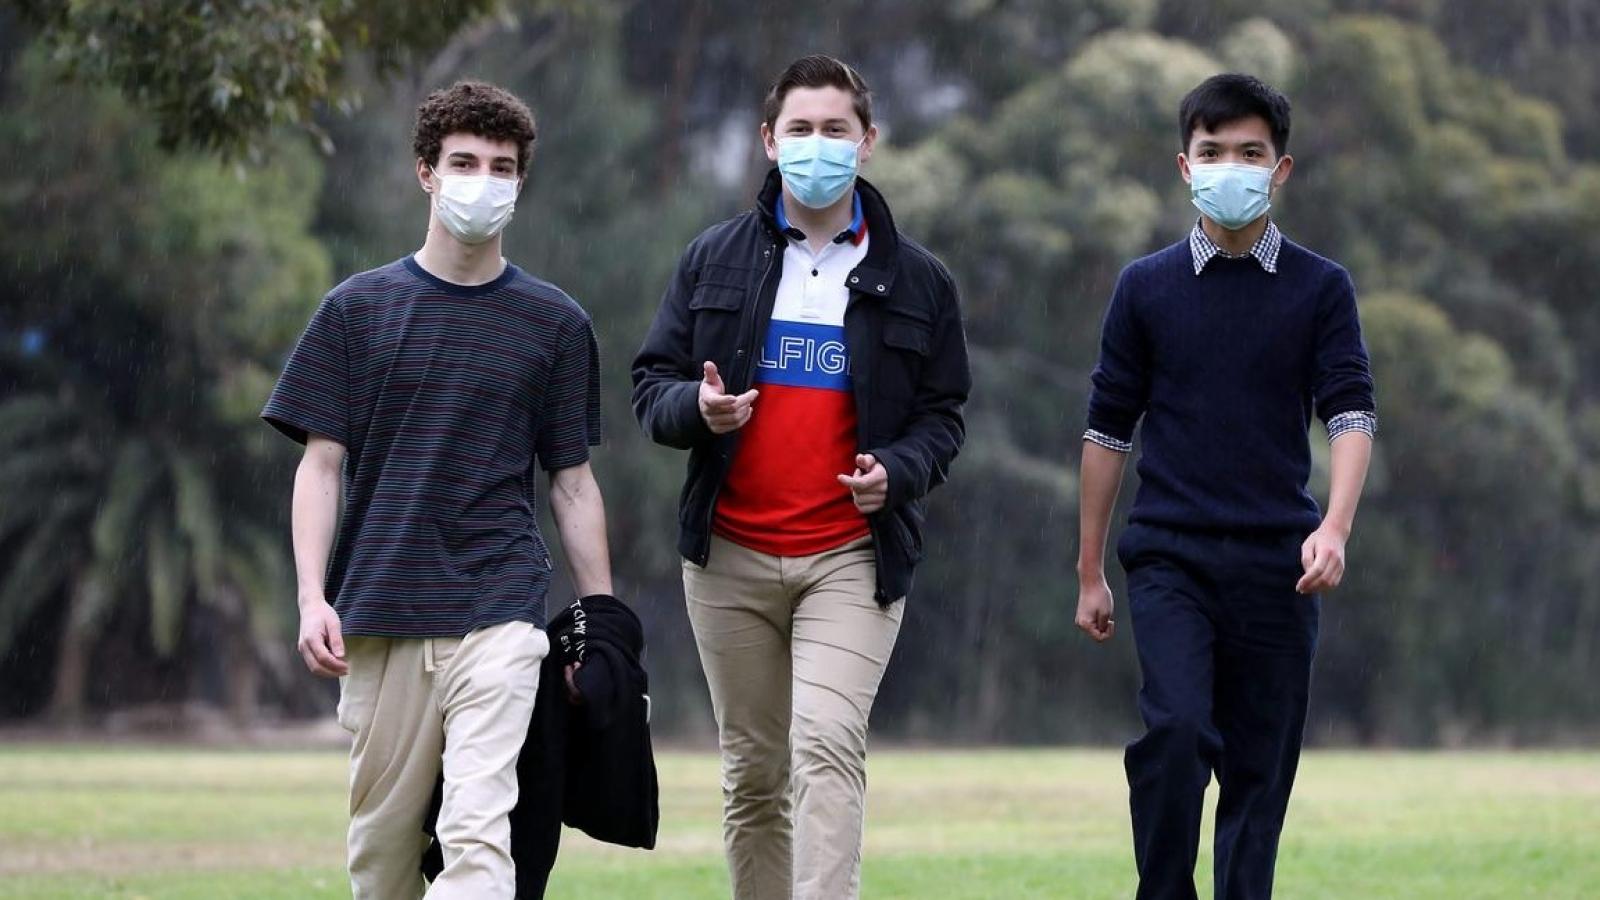 Học sinh lớp 12 Australia tiêm chủng Covid-19, Malaysia nới lỏng hạn chế với người đã tiêm